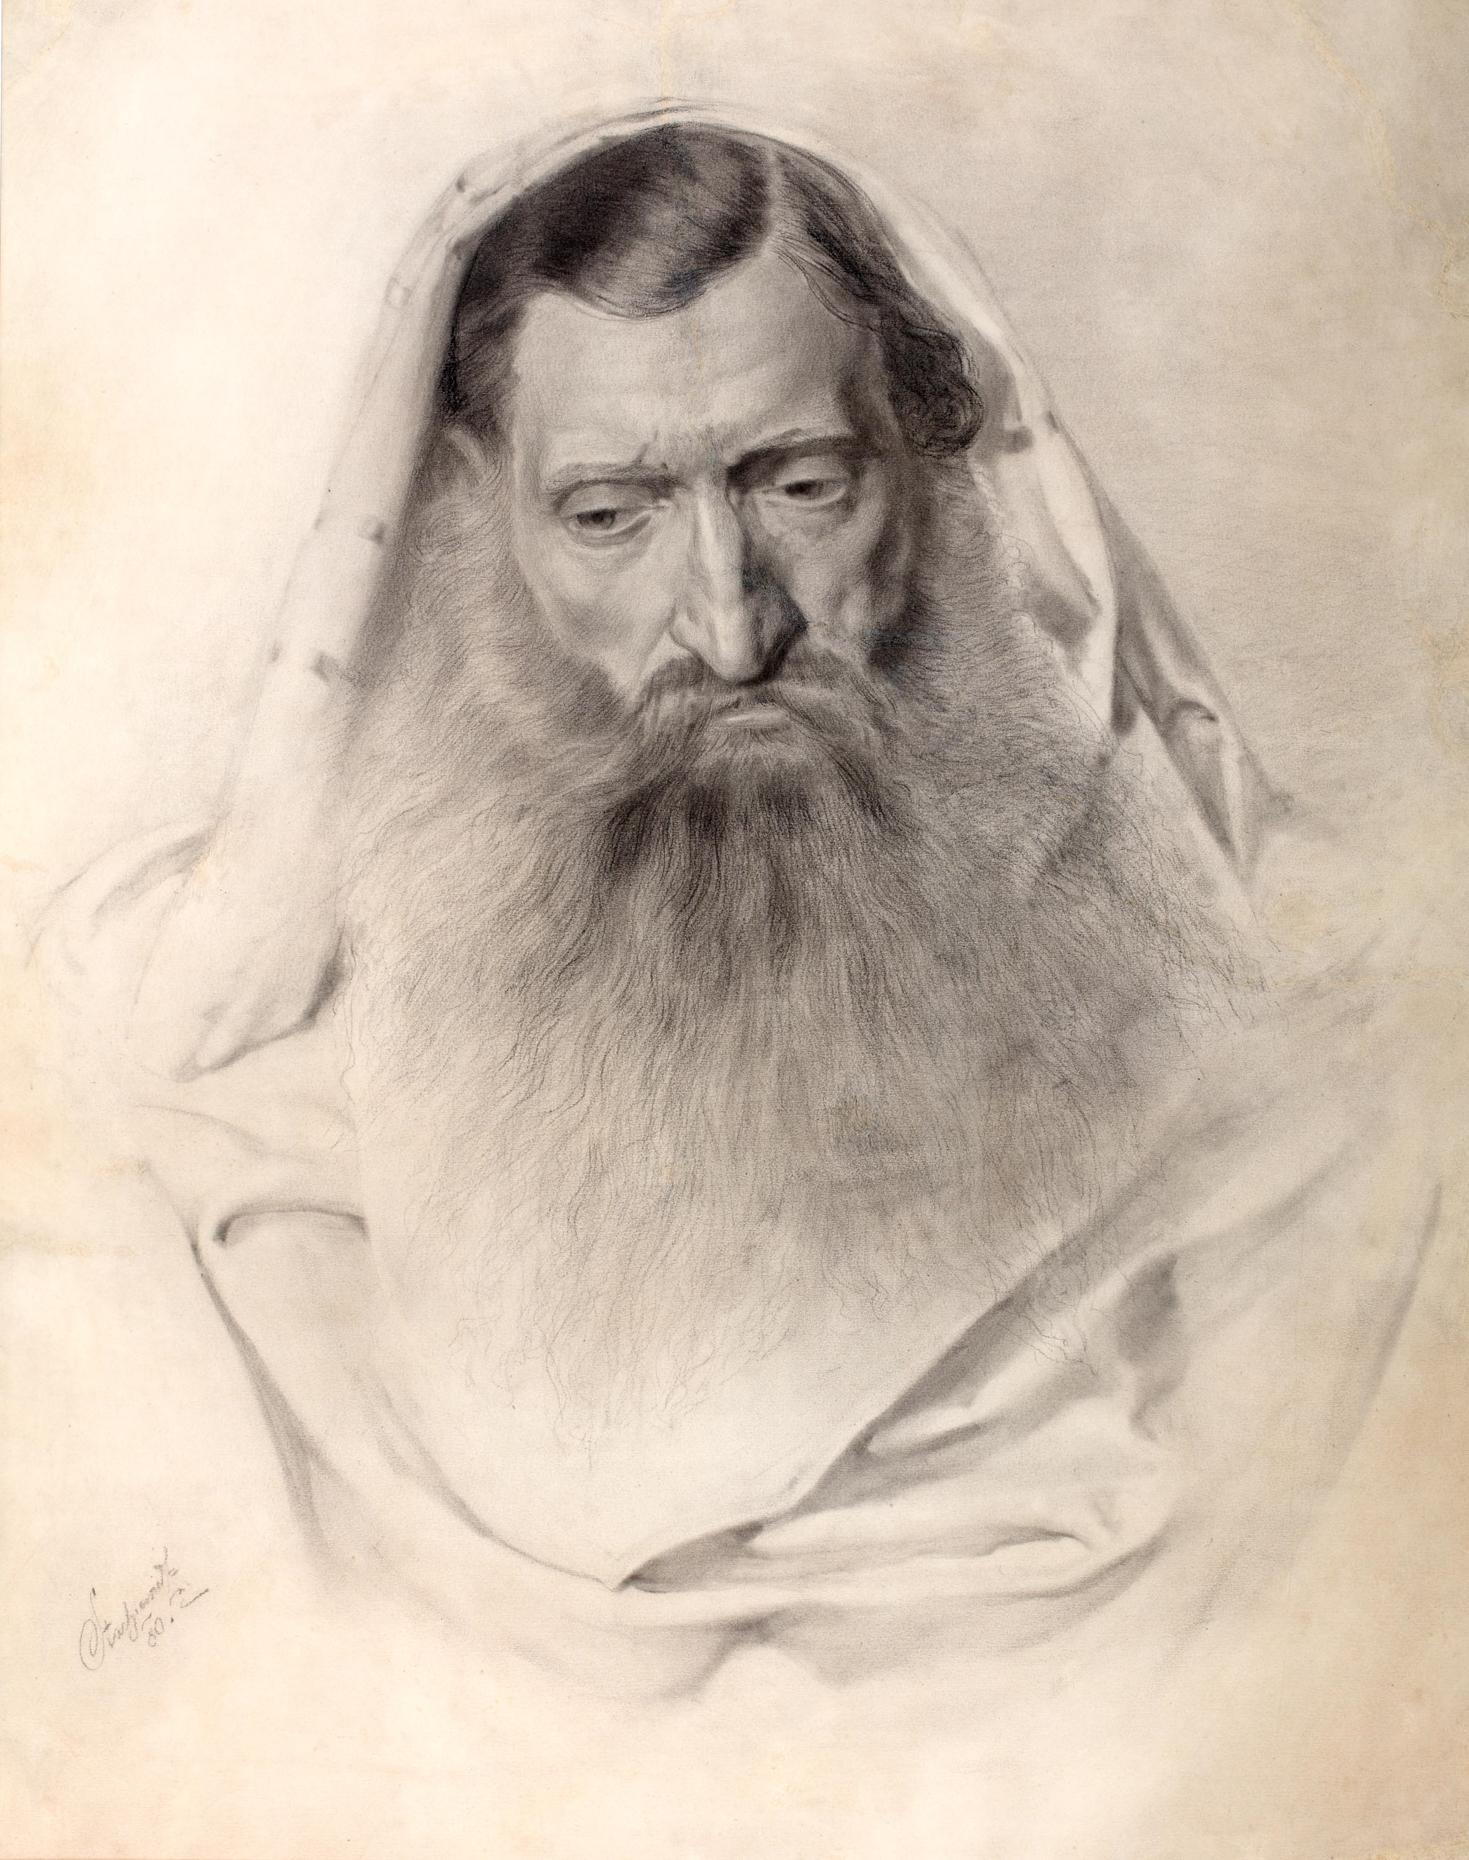 Piotr Stachiewicz | Portret Żyda, 1880 r.